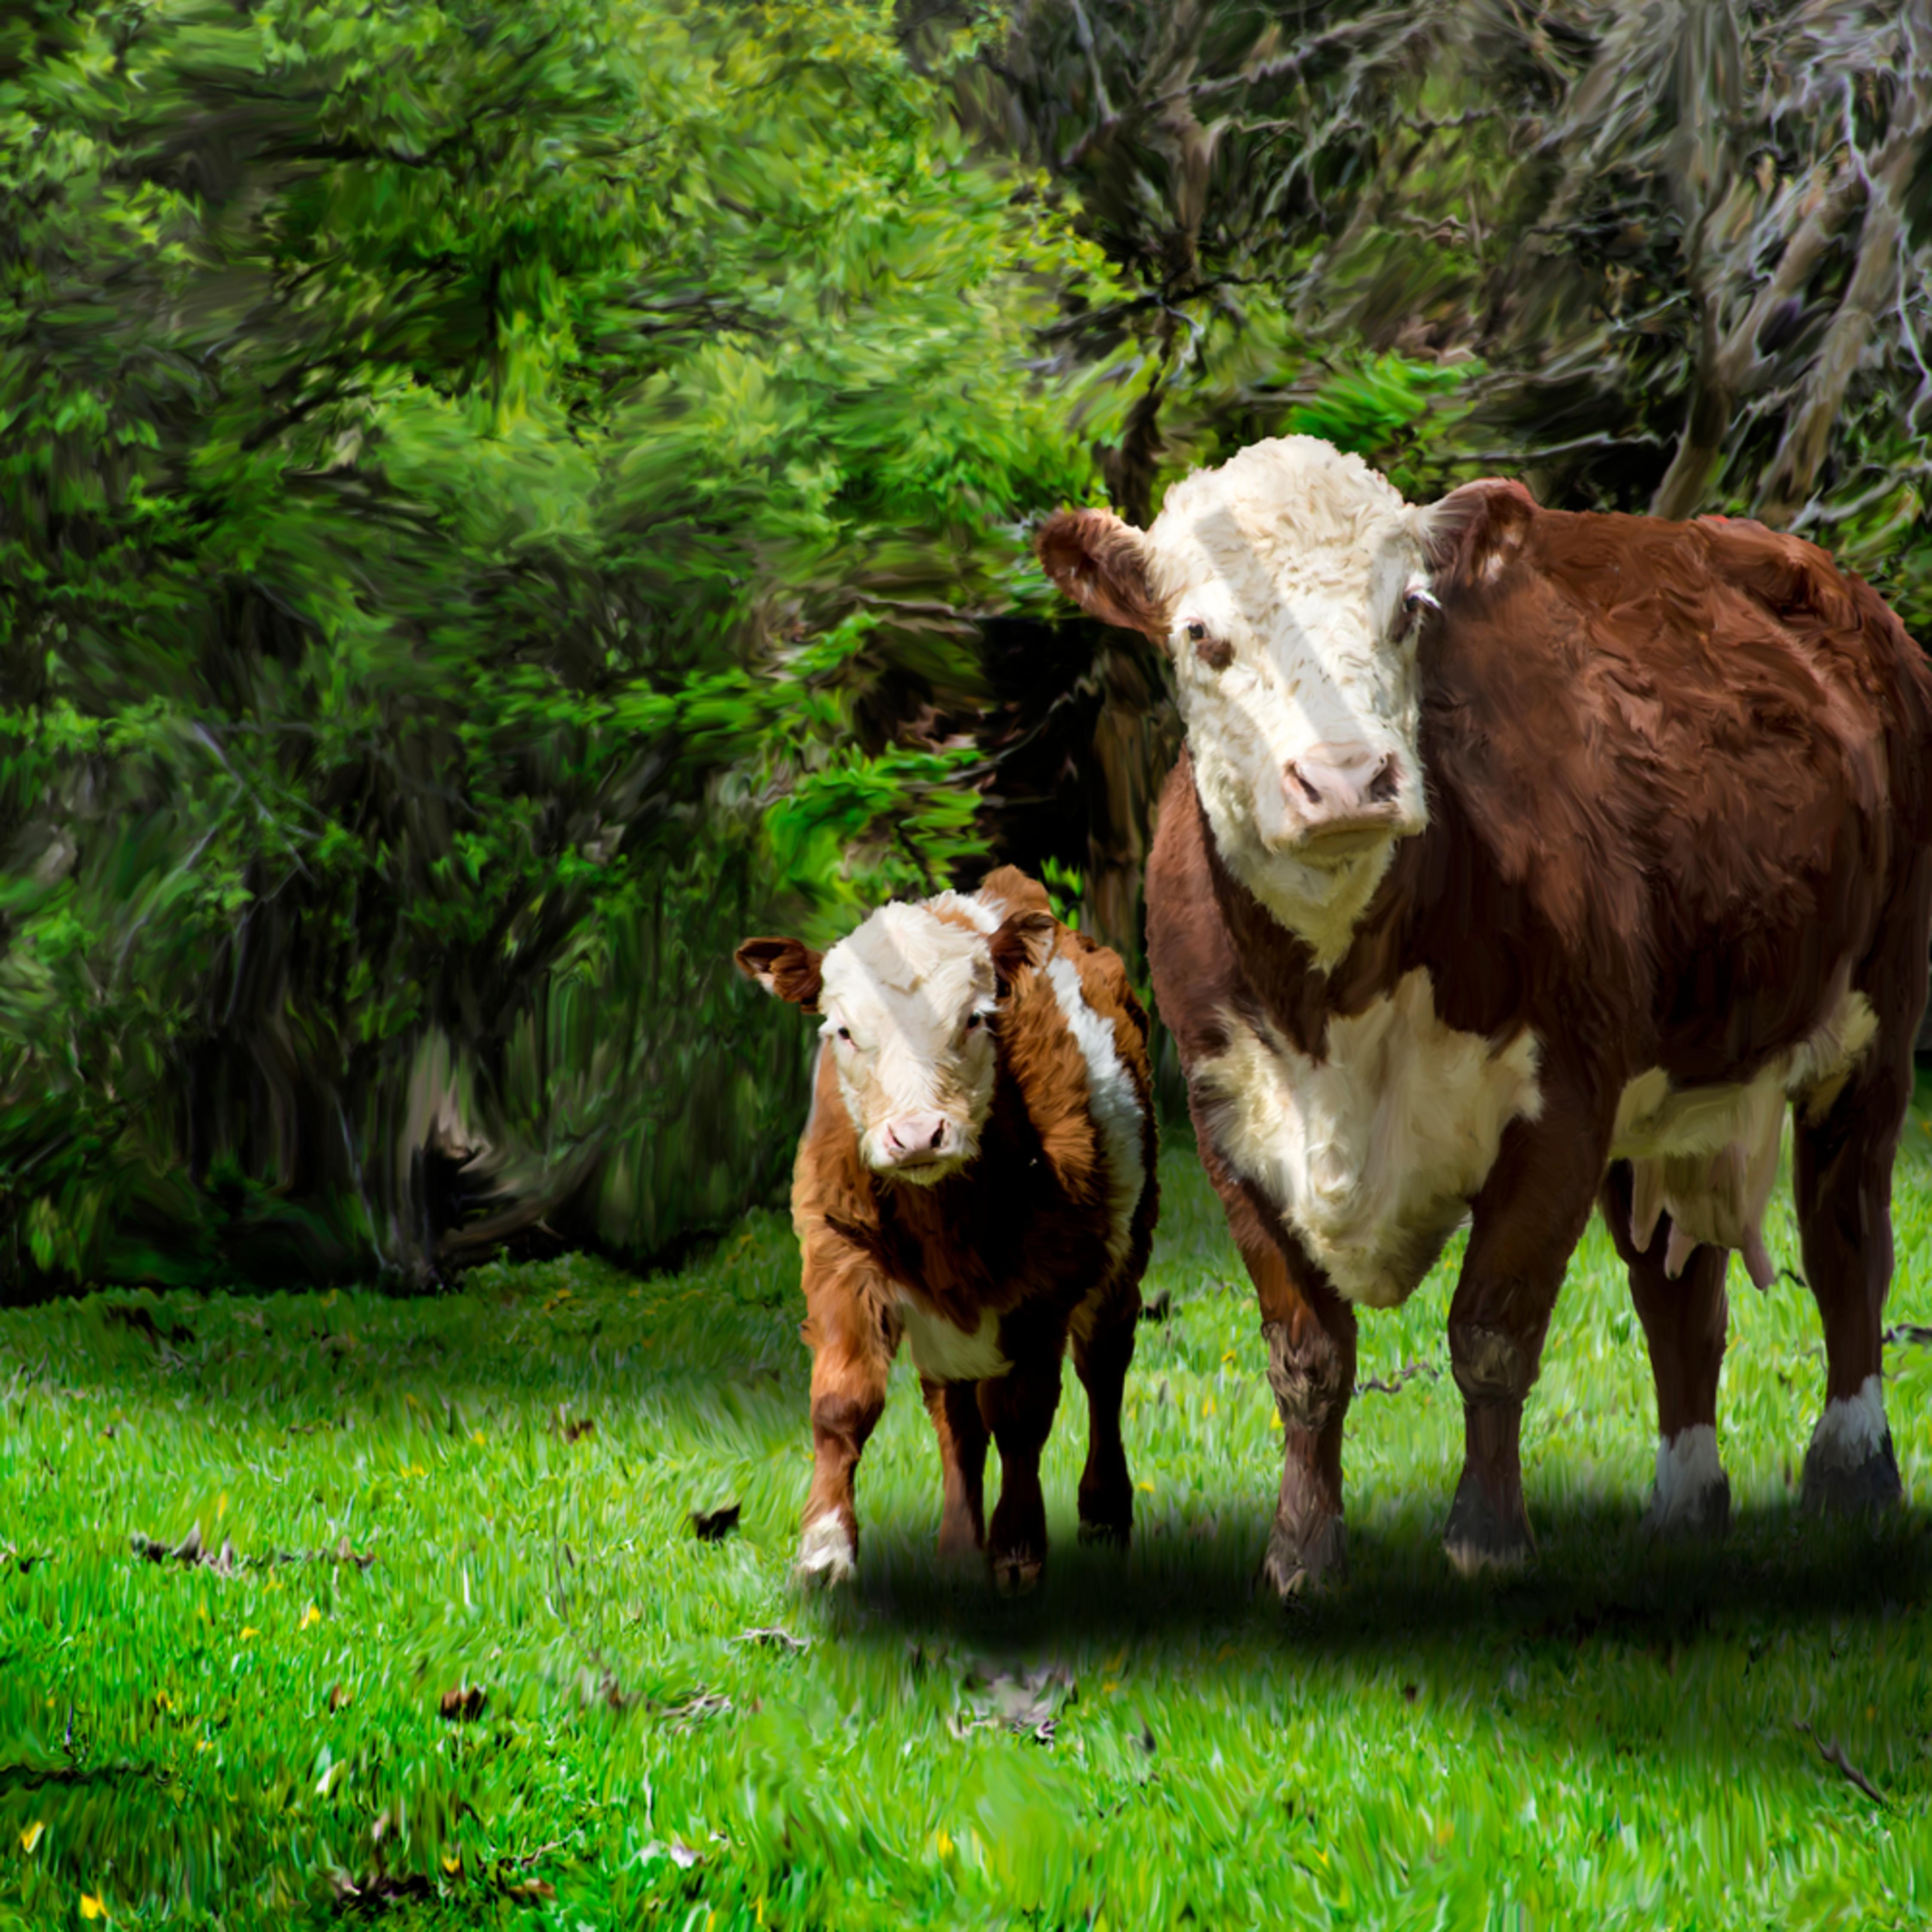 Cow and calf q35jr7